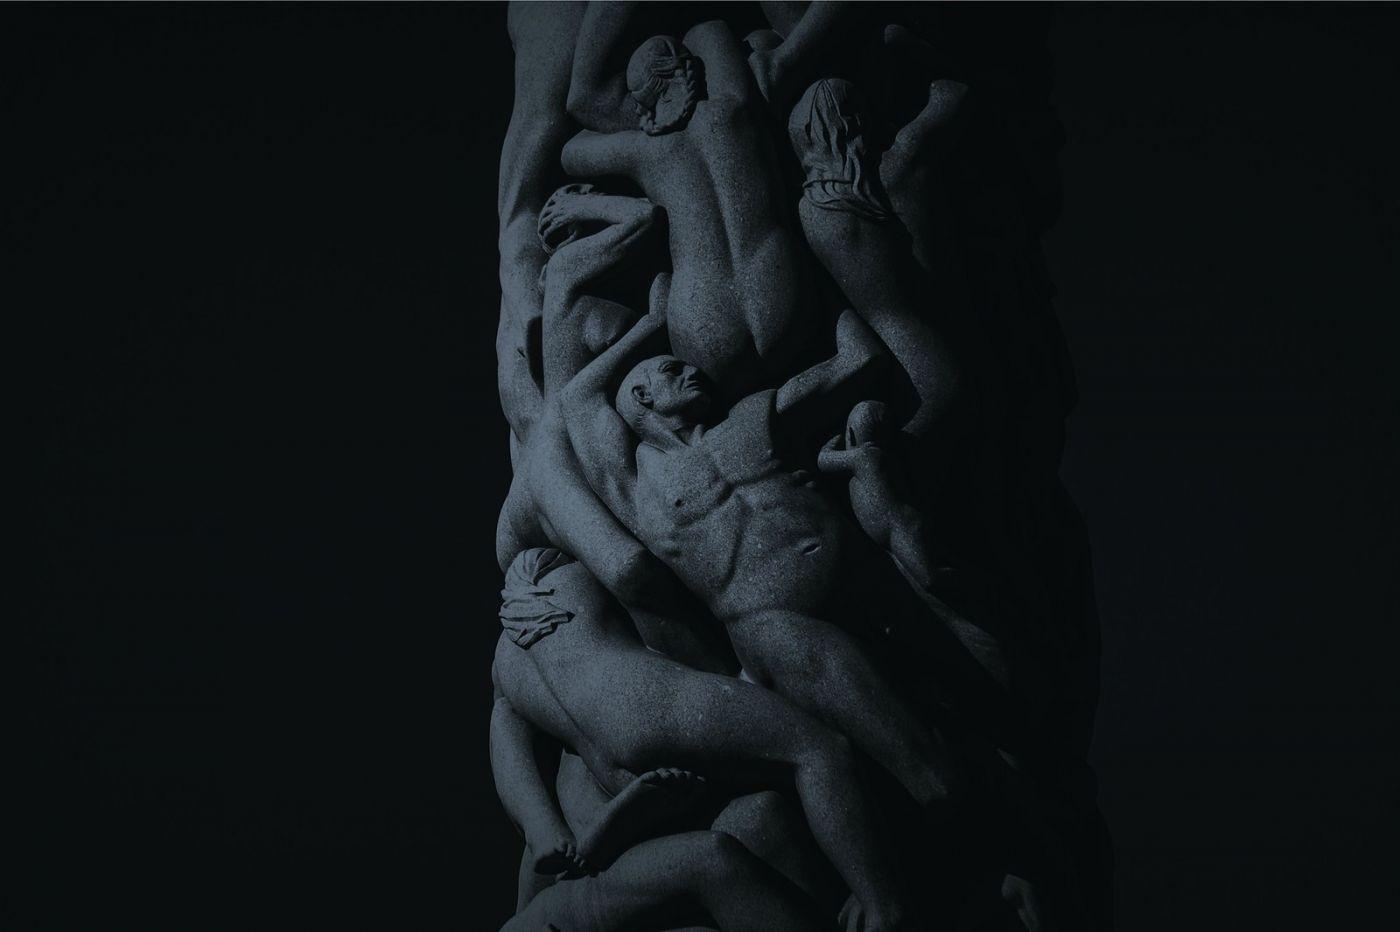 挪威维格兰雕塑公园,艺术的确来自生活_图1-3